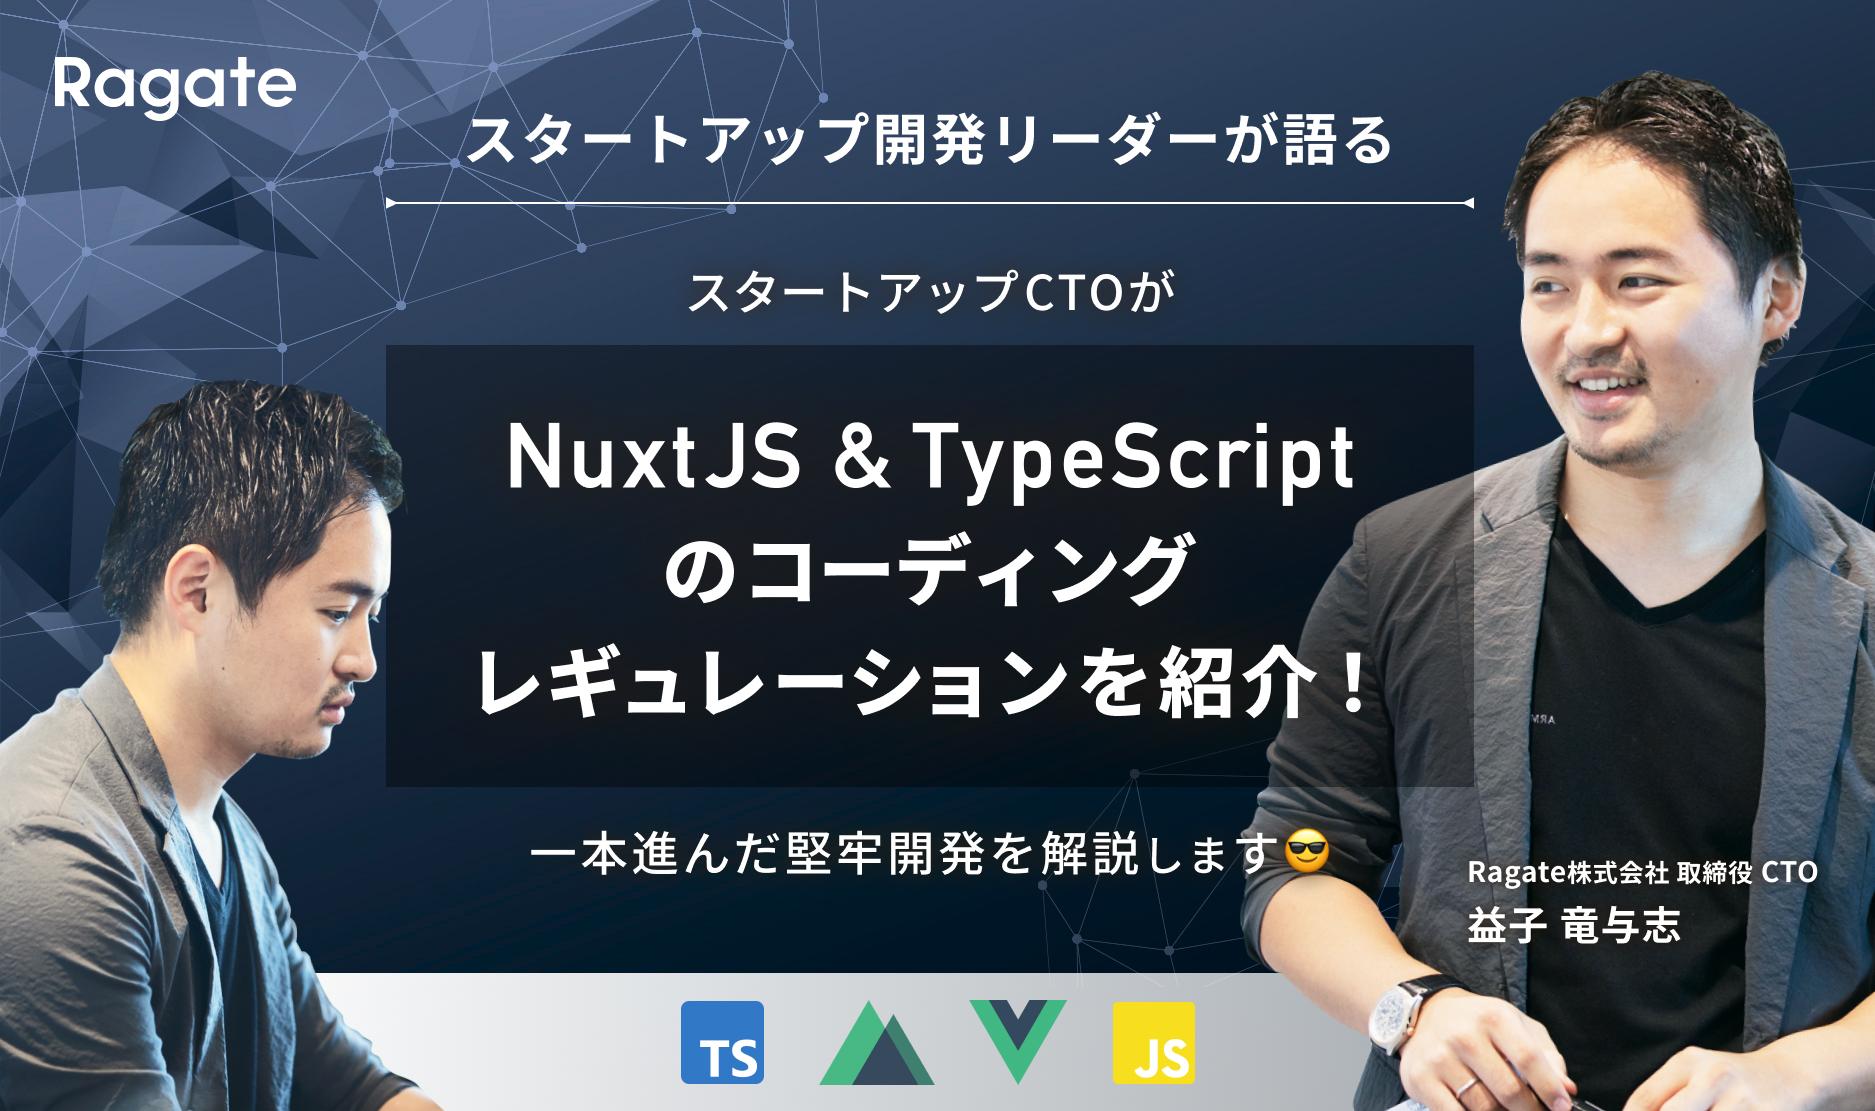 スタートアップCTOがNuxtJSとTypeScriptのコーディングレギュレーションを紹介!一本進んだ堅牢開発を解説します😎